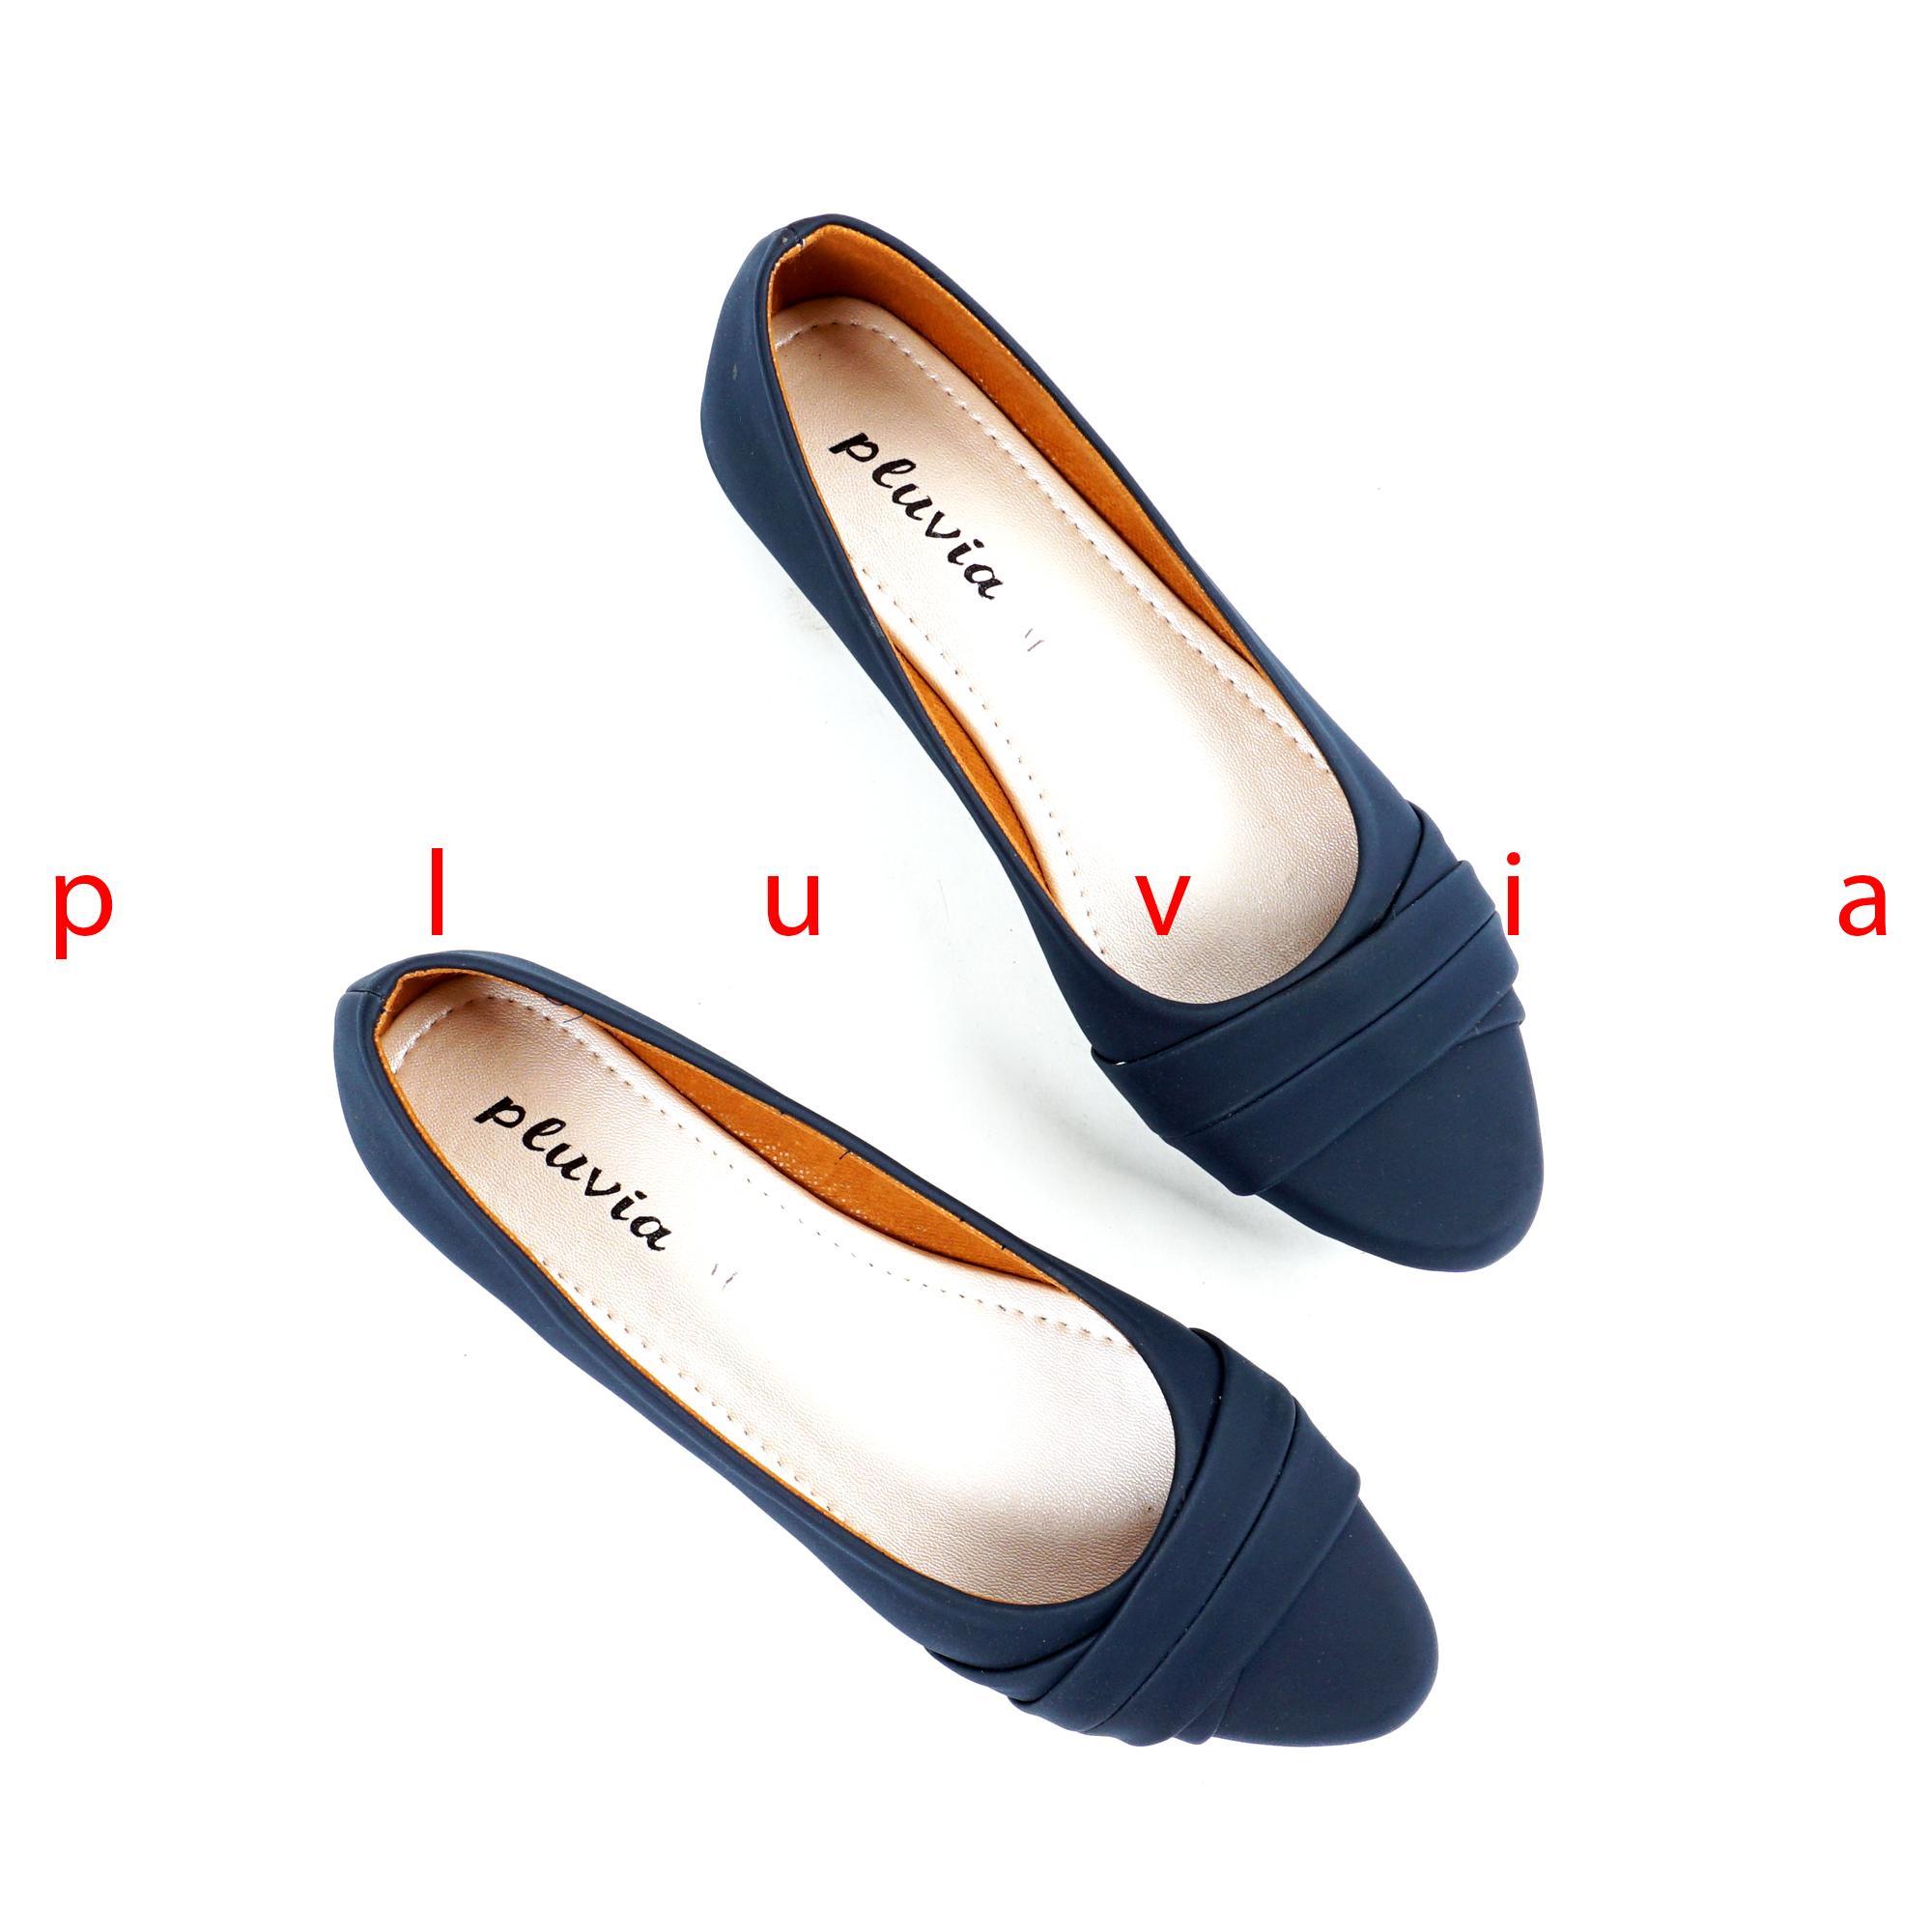 Pluvia - Sepatu Balet Flat Shoes Wanita PLV42 - Navy